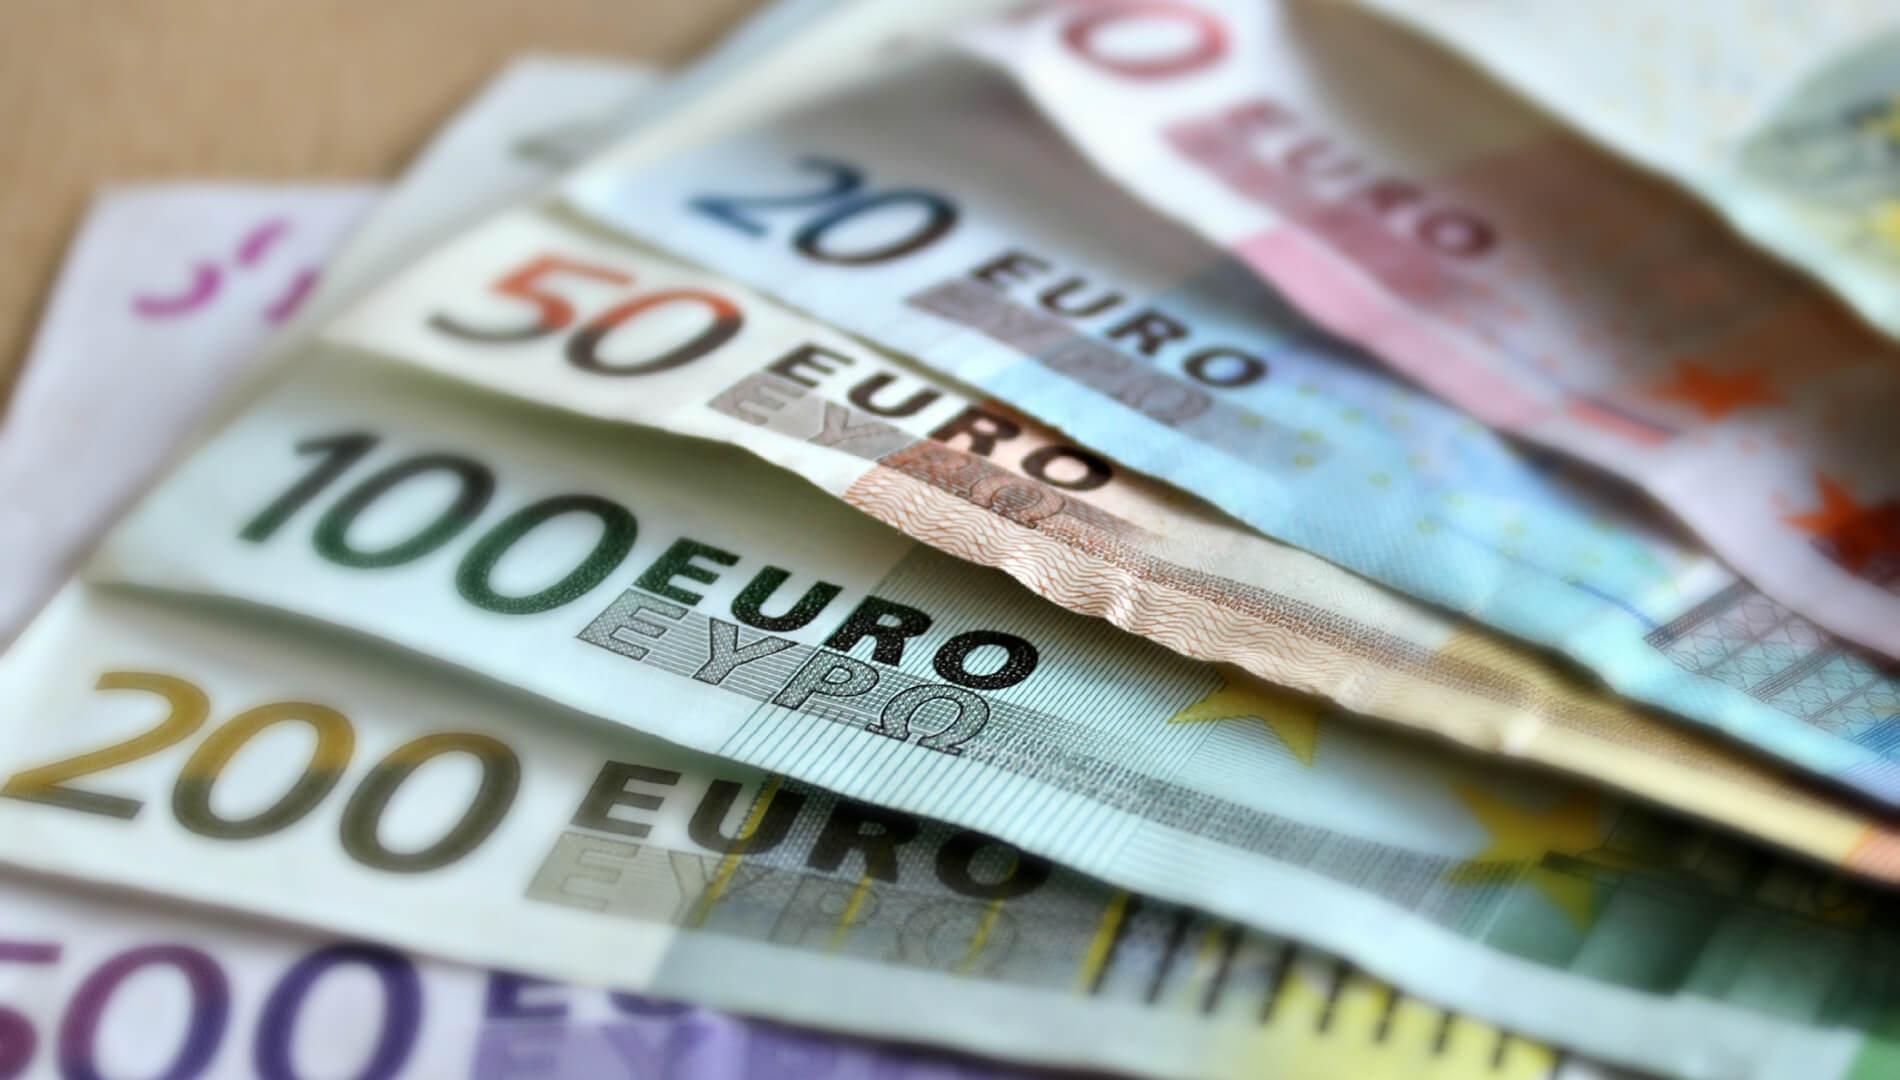 FIAP Contributi investimenti 2019. Conferma delle prenotazioni inviate a mezzo PEC.